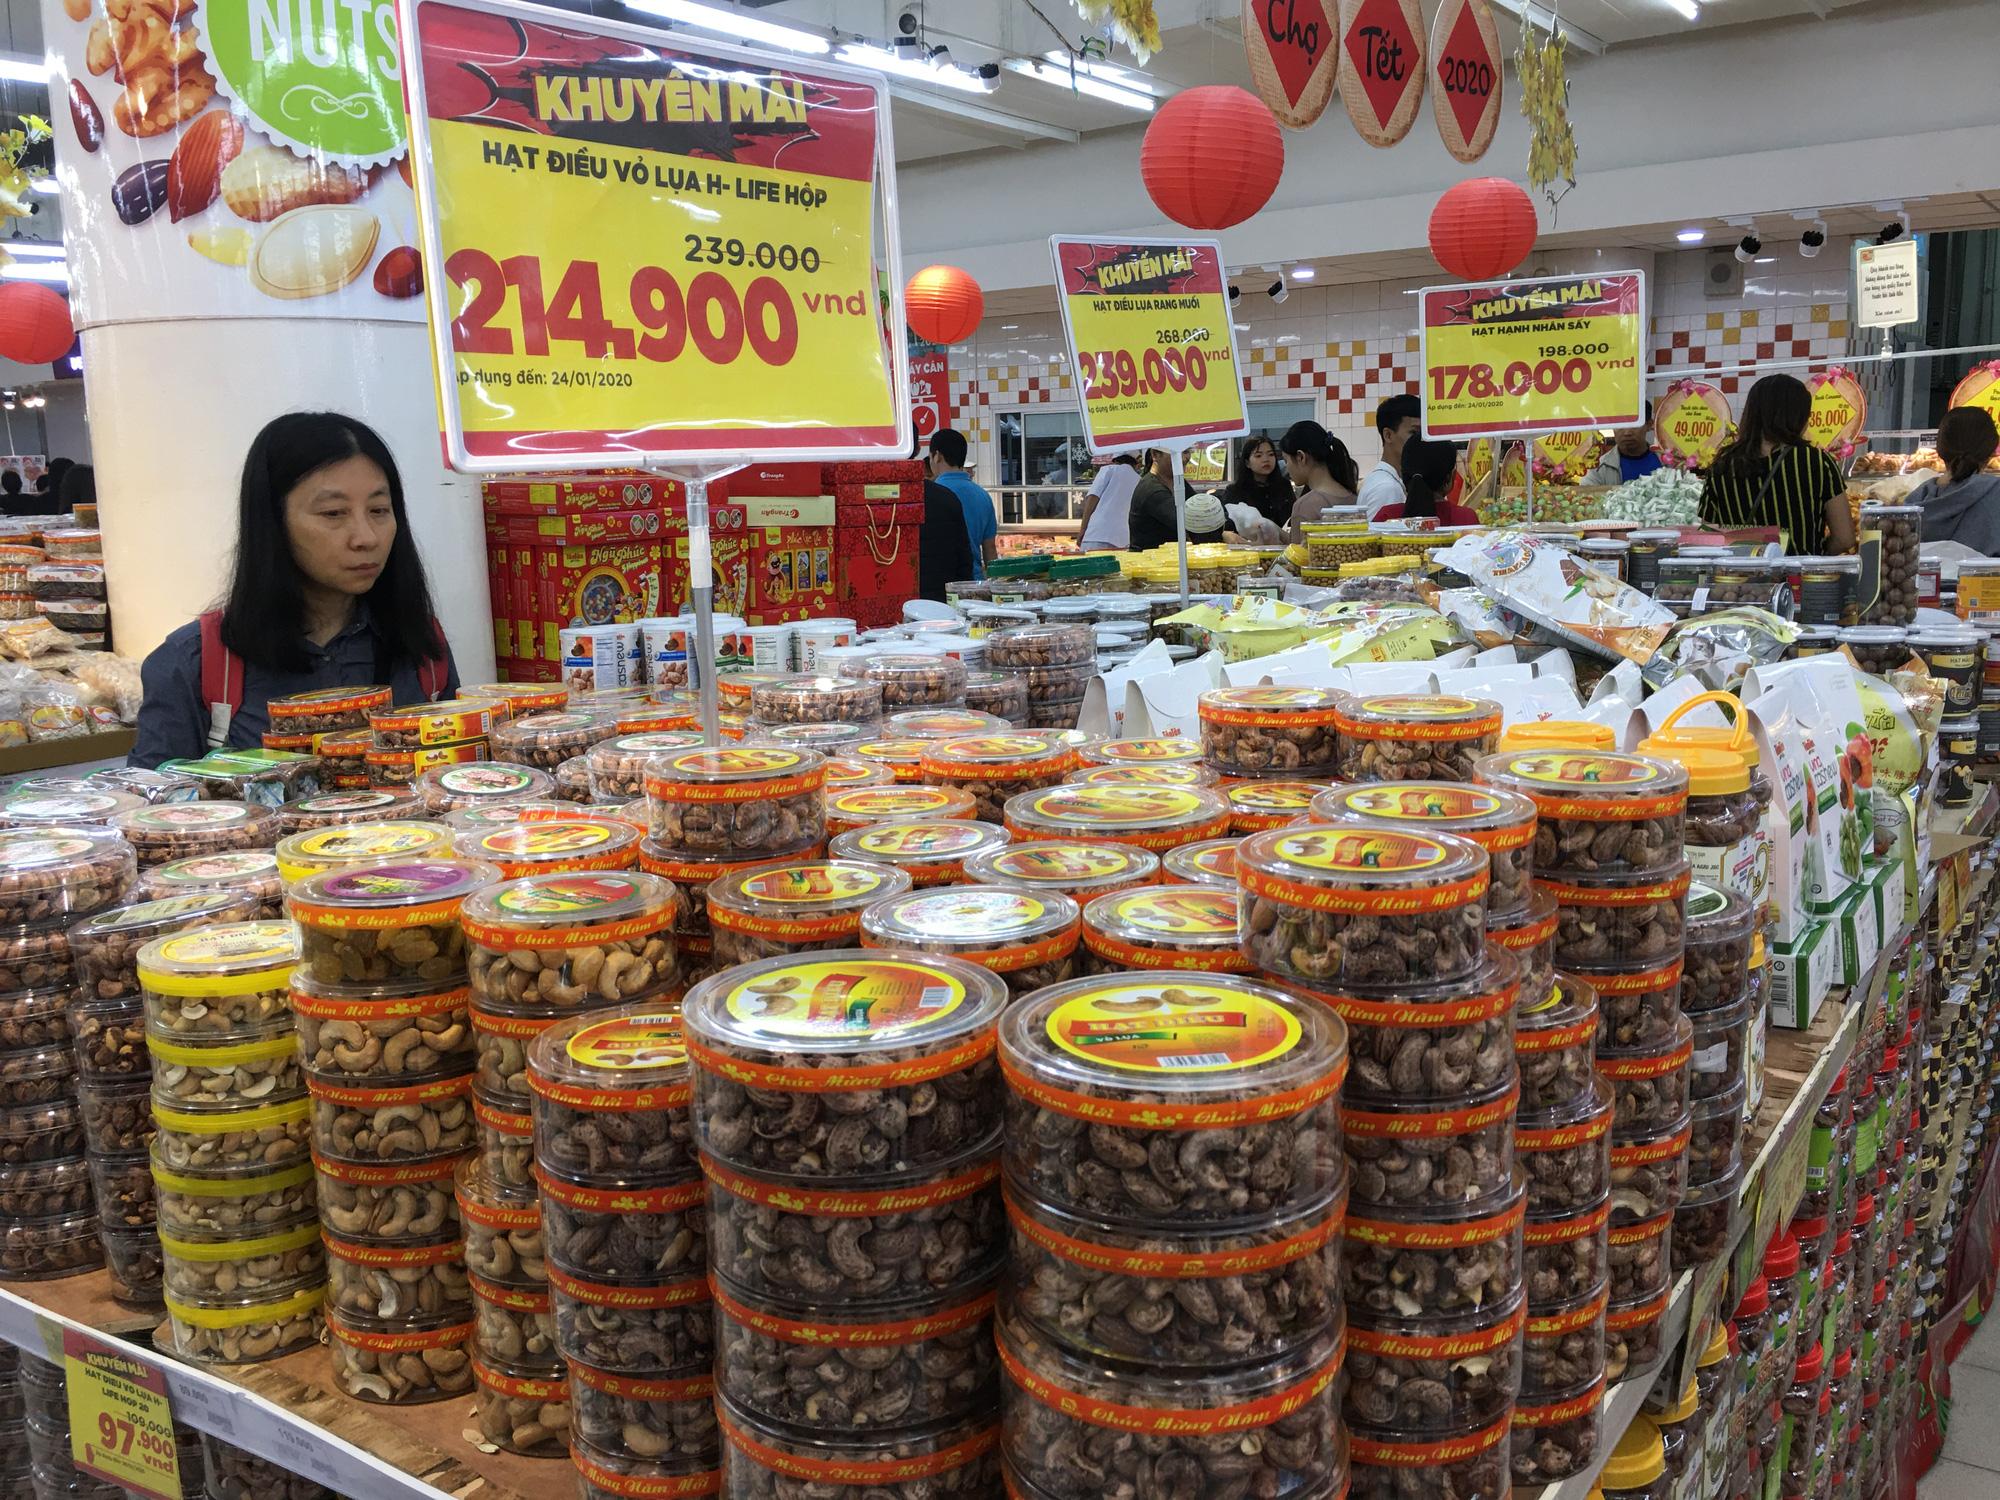 Thị trường quà Tết tại Đà Nẵng đa dạng theo giá - Ảnh 3.